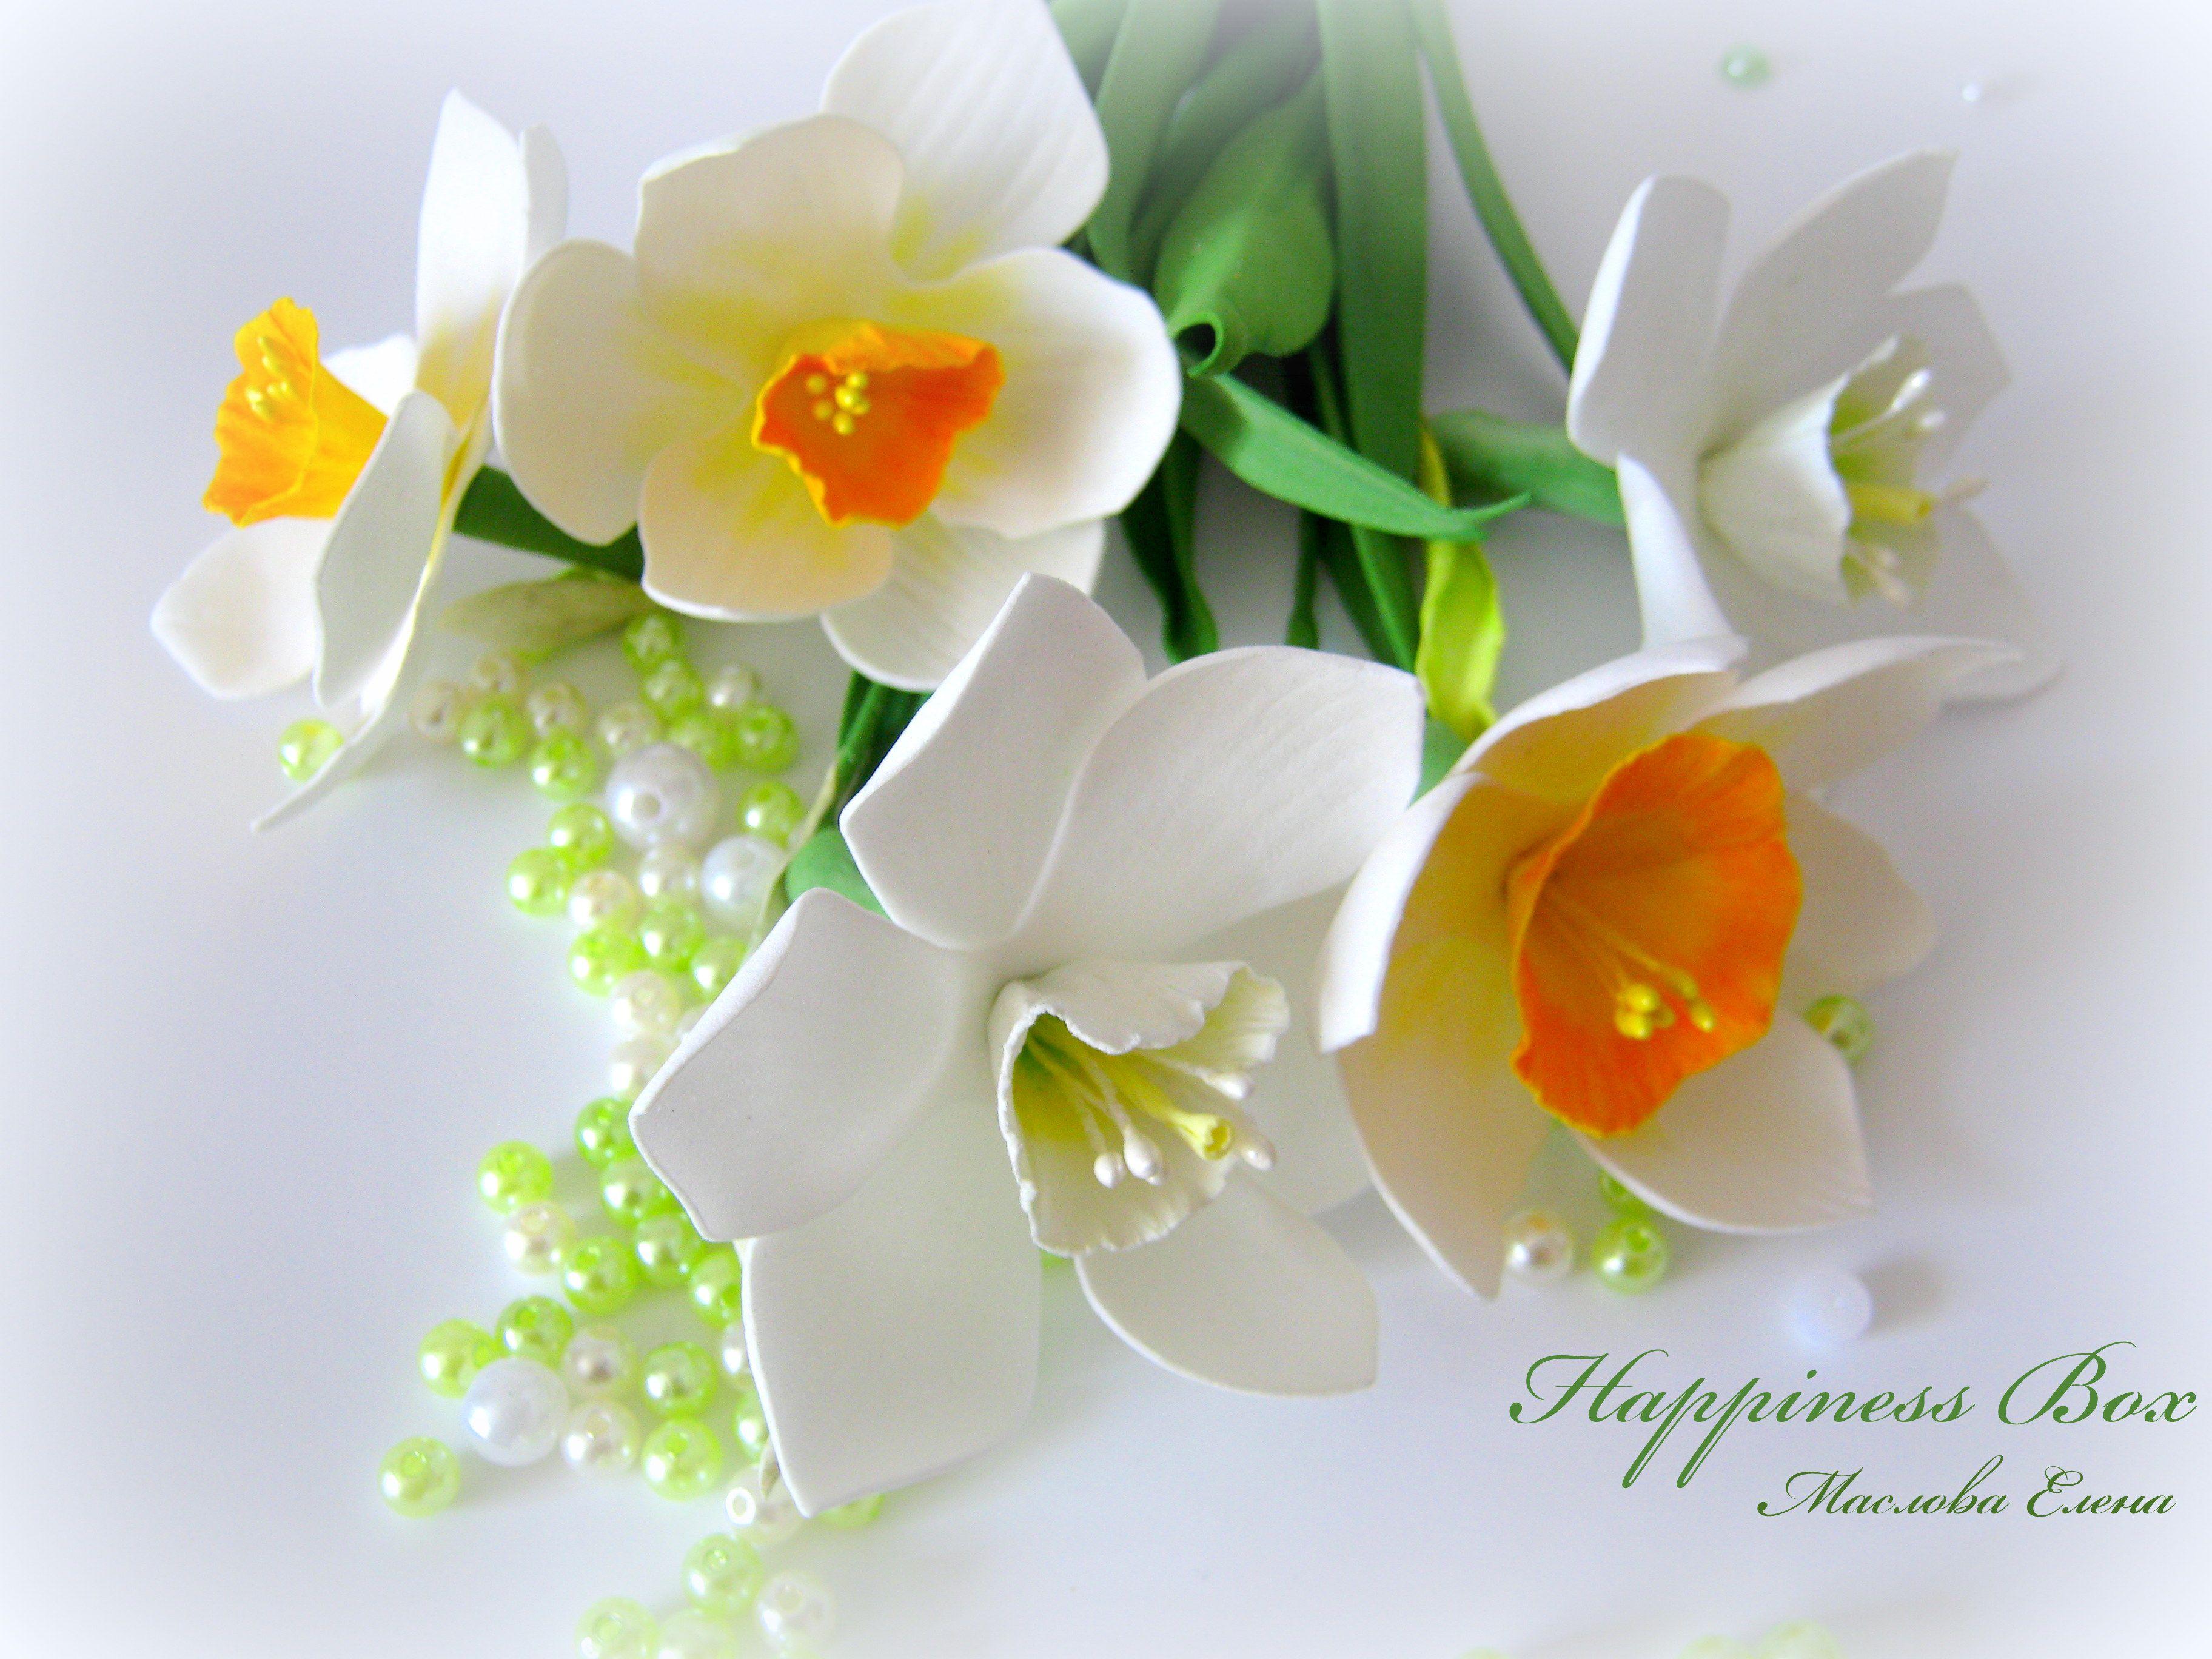 настроение весеннее видео эва нарциссы мастеркласс фоамиран весенние нарцисс фом цветы весна